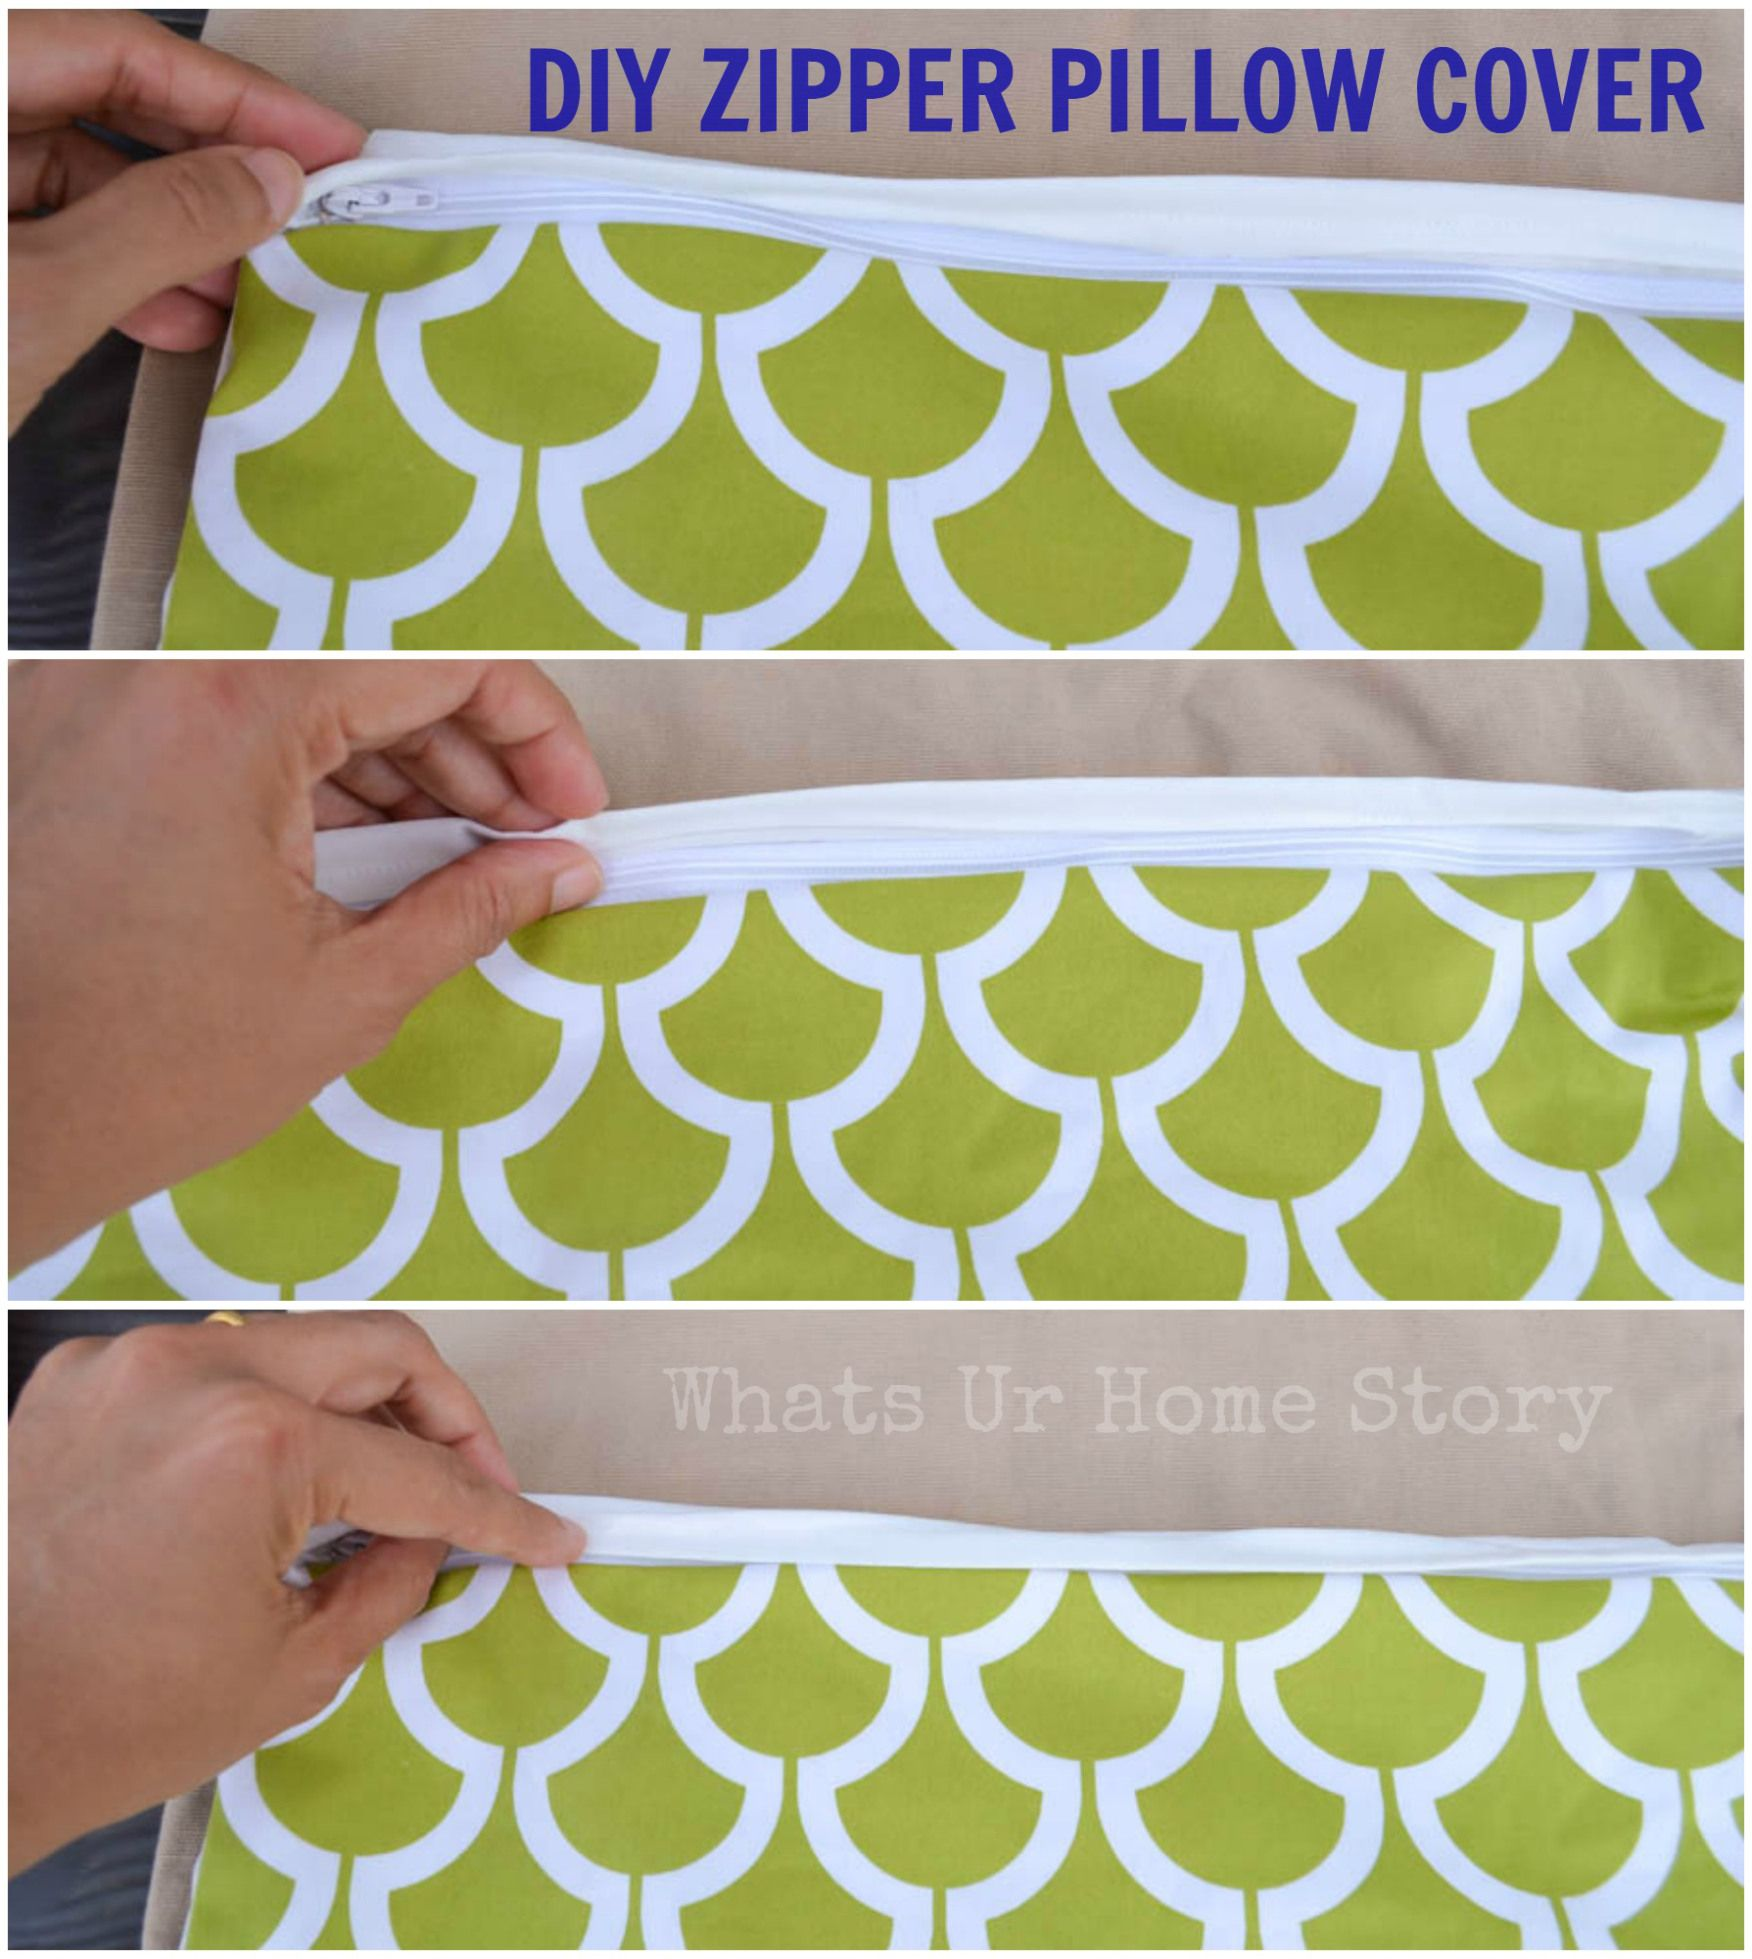 zipper pillow cover diy